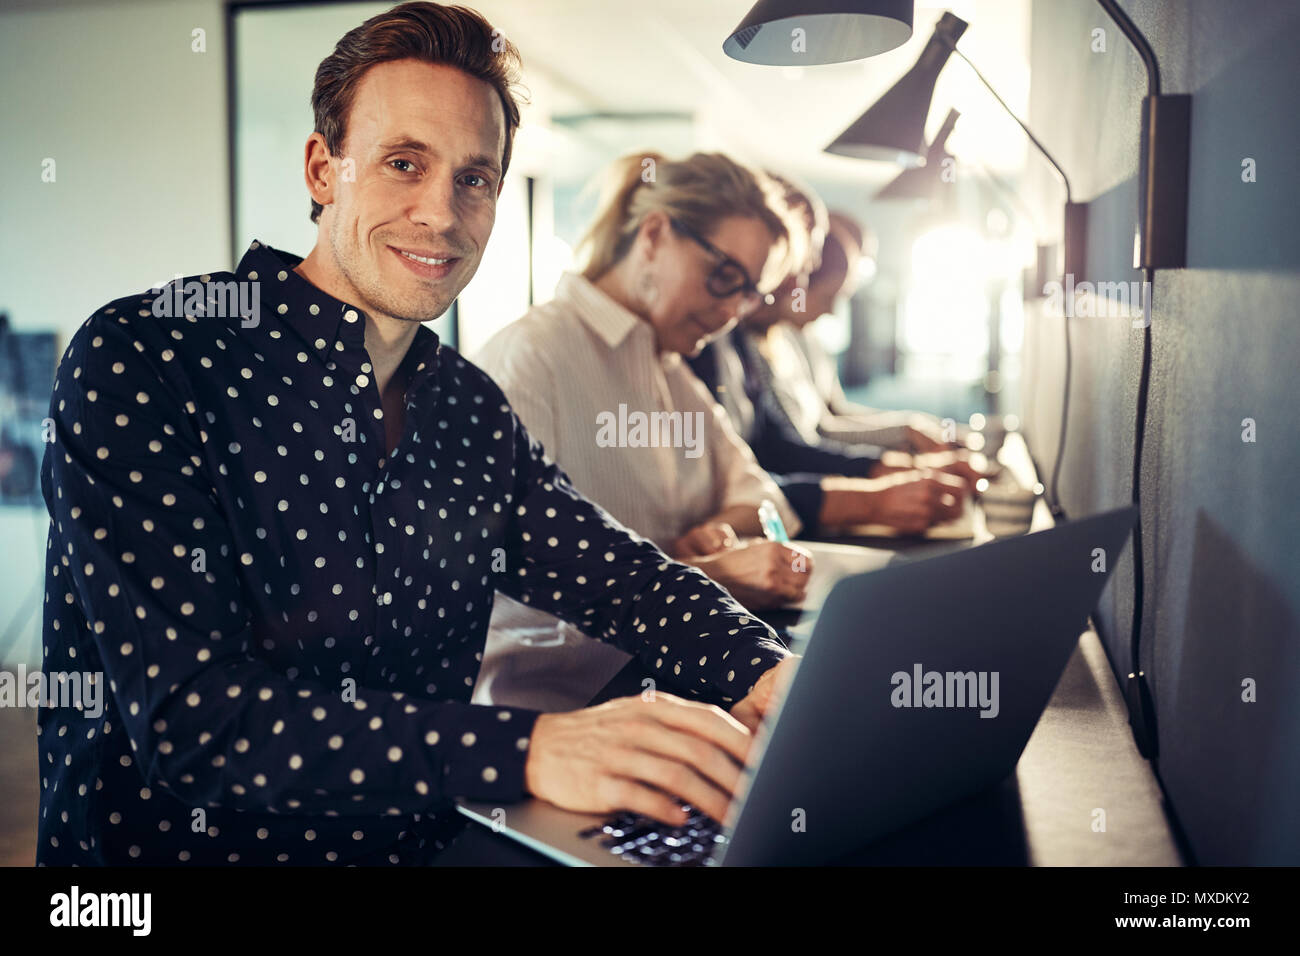 Lächelnden jungen Designer, der an einem Notebook arbeitet, während sie sich in einer Reihe mit Kollegen an einem Tisch in einem modernen Büro Stockbild